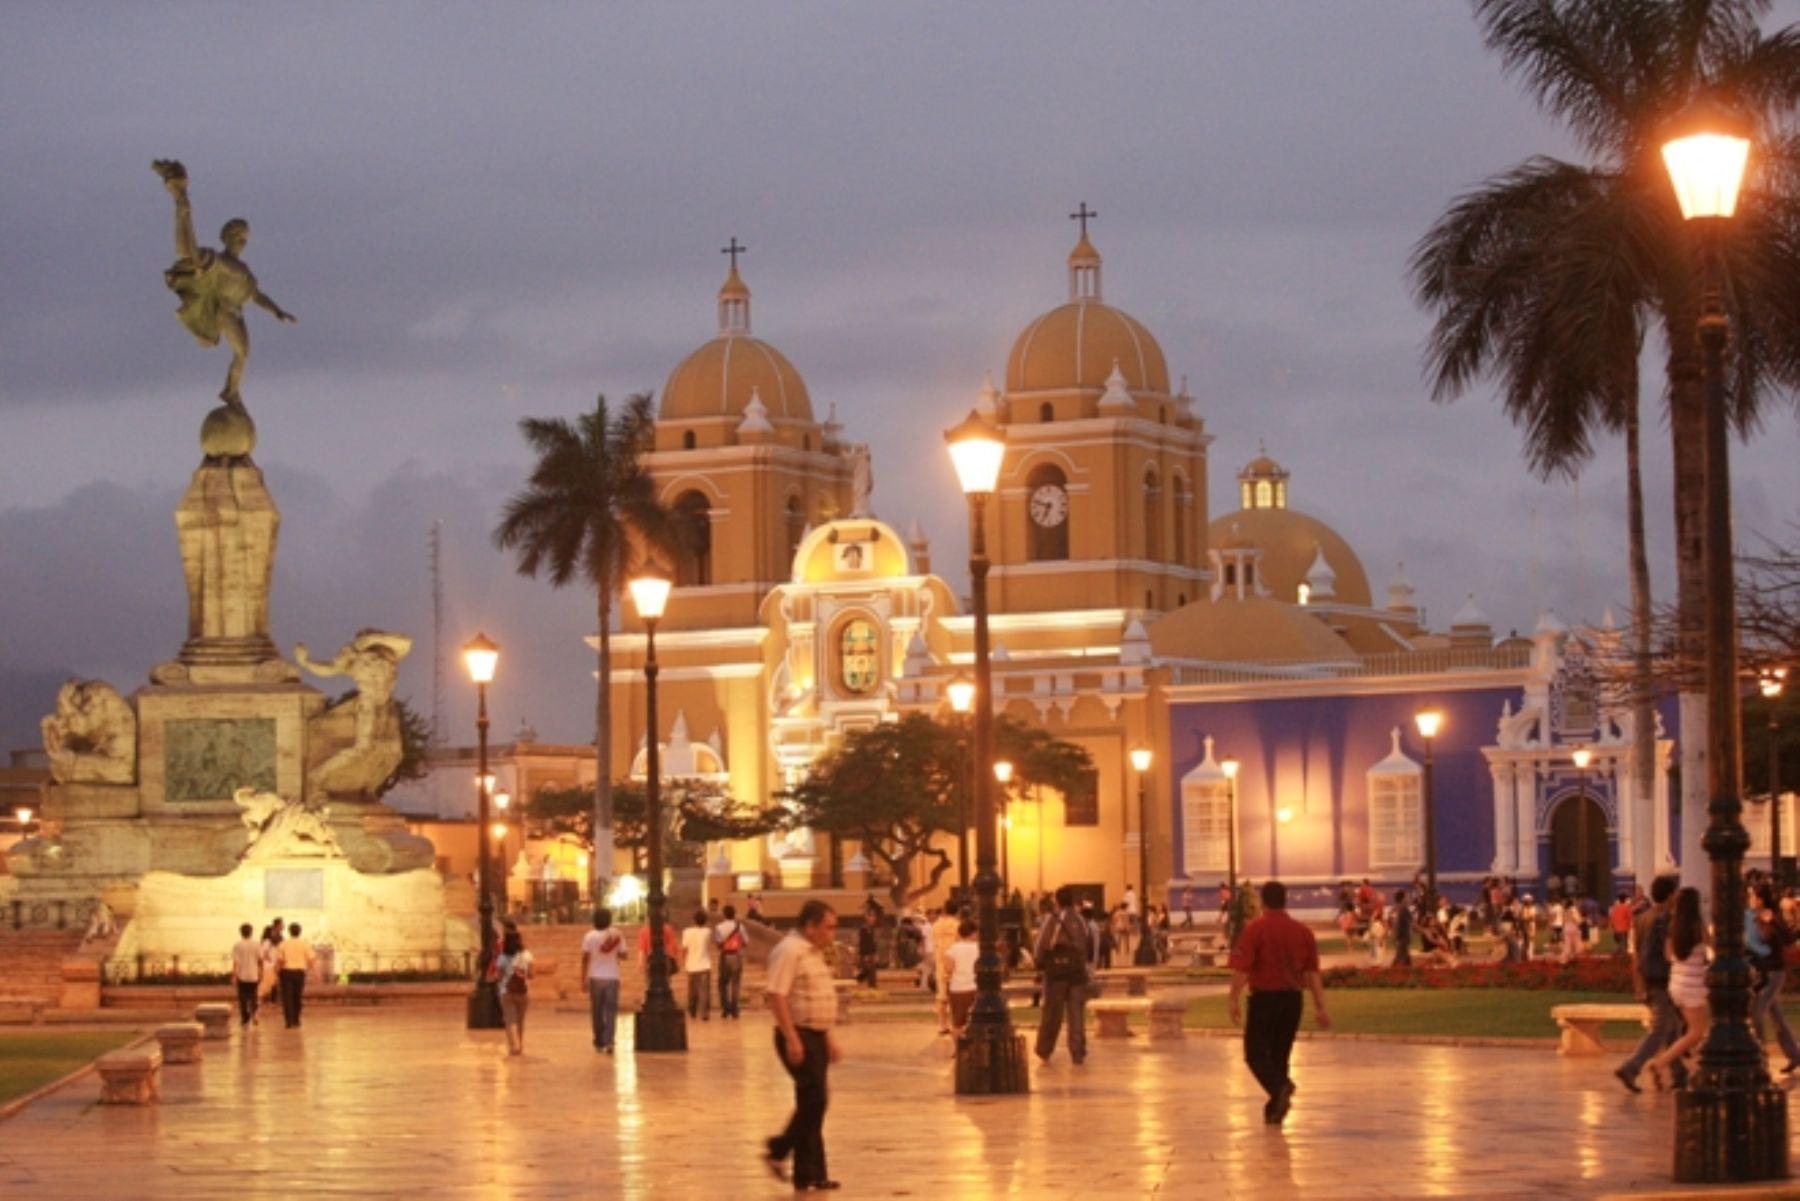 Trujillo se prepara para celebrar con diversas actividades el aniversario de su fundación española.